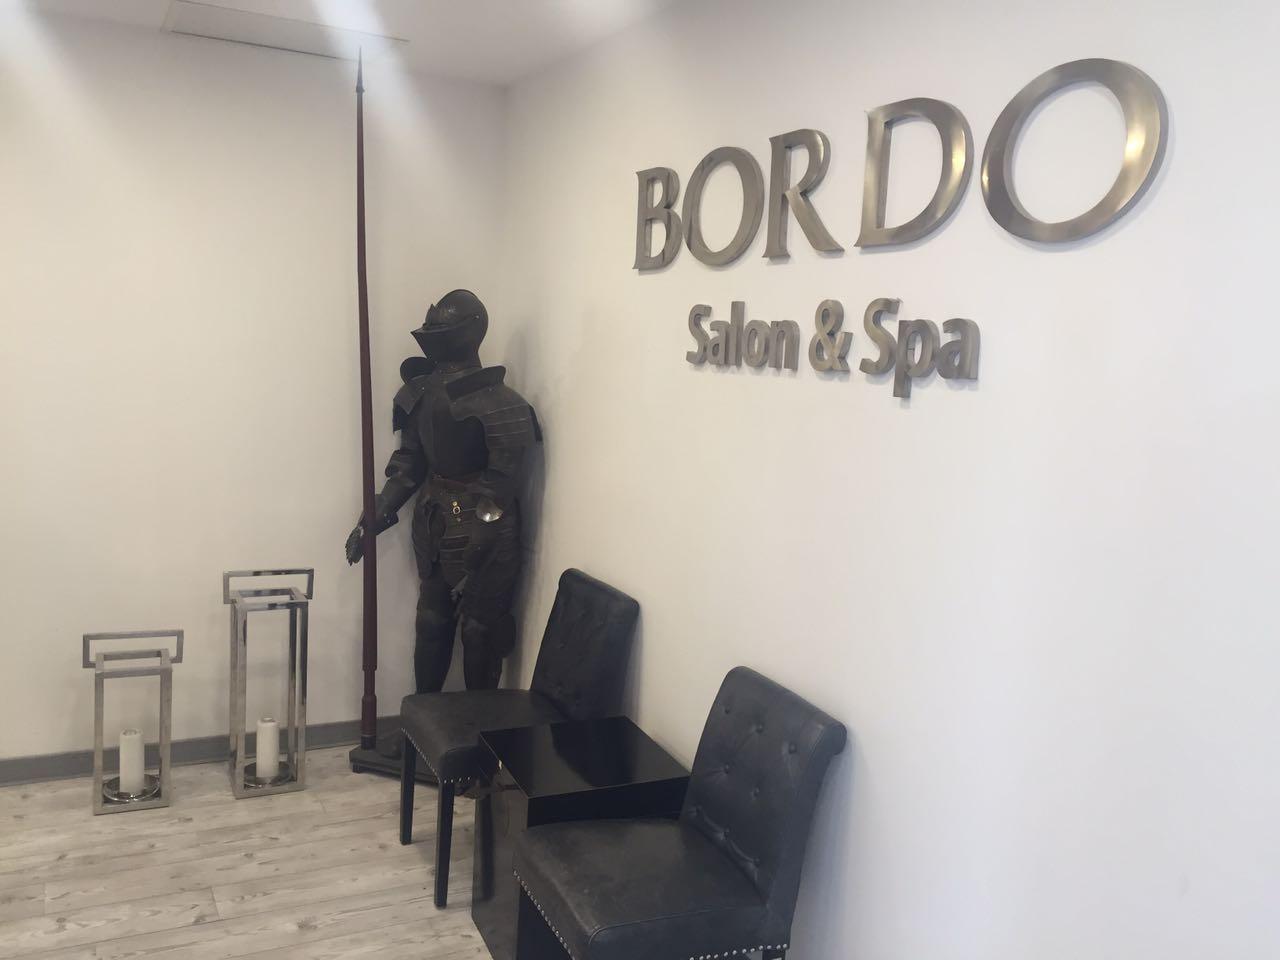 صالون بوردو